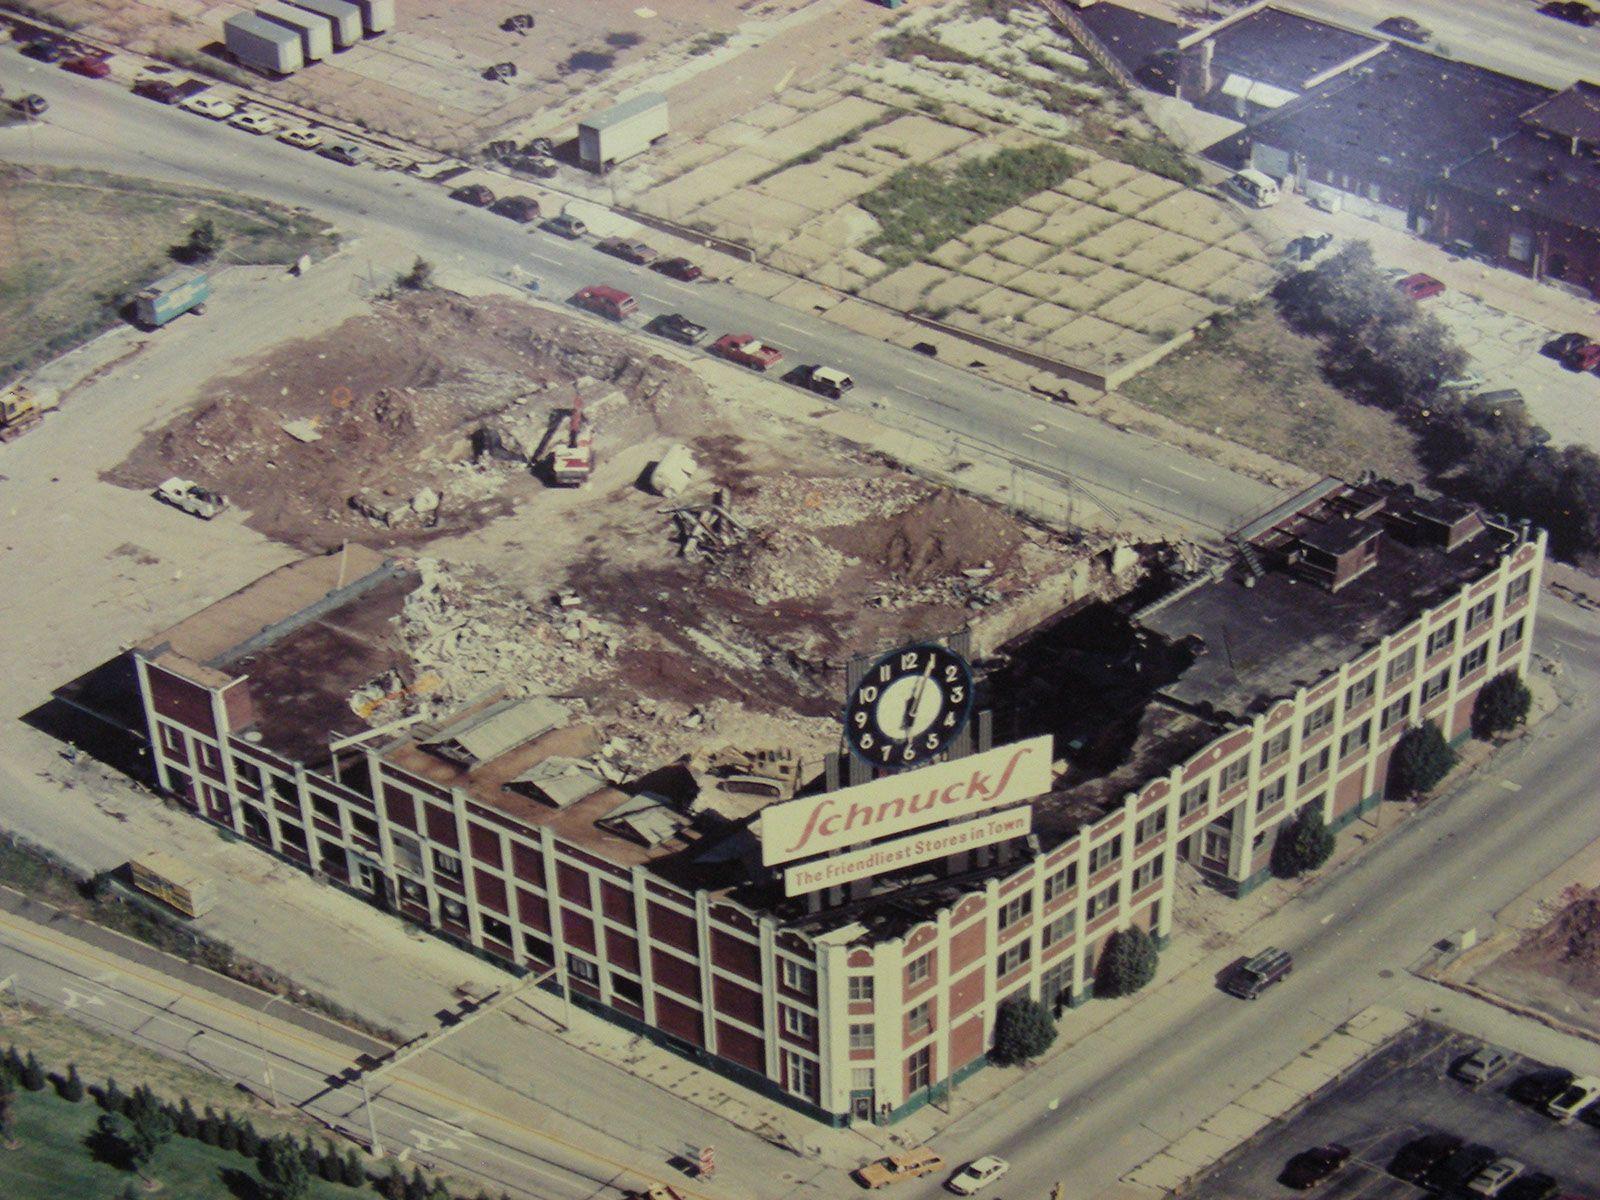 Demolition of the Schnucks market clock - St. Louis, Missouri ...